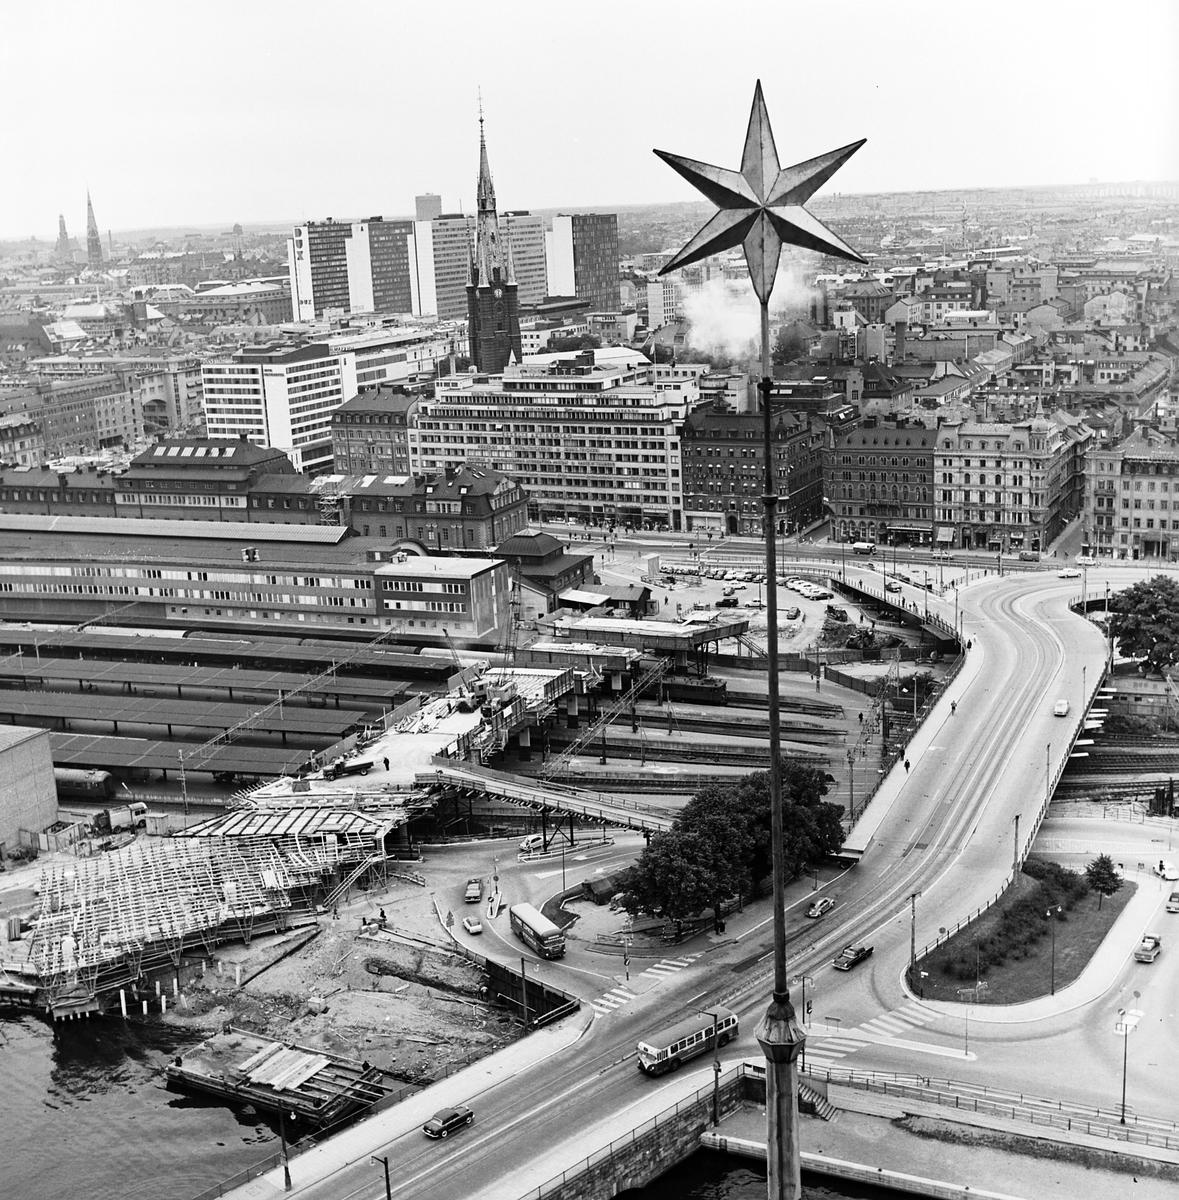 Stockholm Central, utfart mot söder, över Tegelbacken mot Norra Järnvägsbron och Riddarholmen. Fotot taget fån Stadshusets torn.